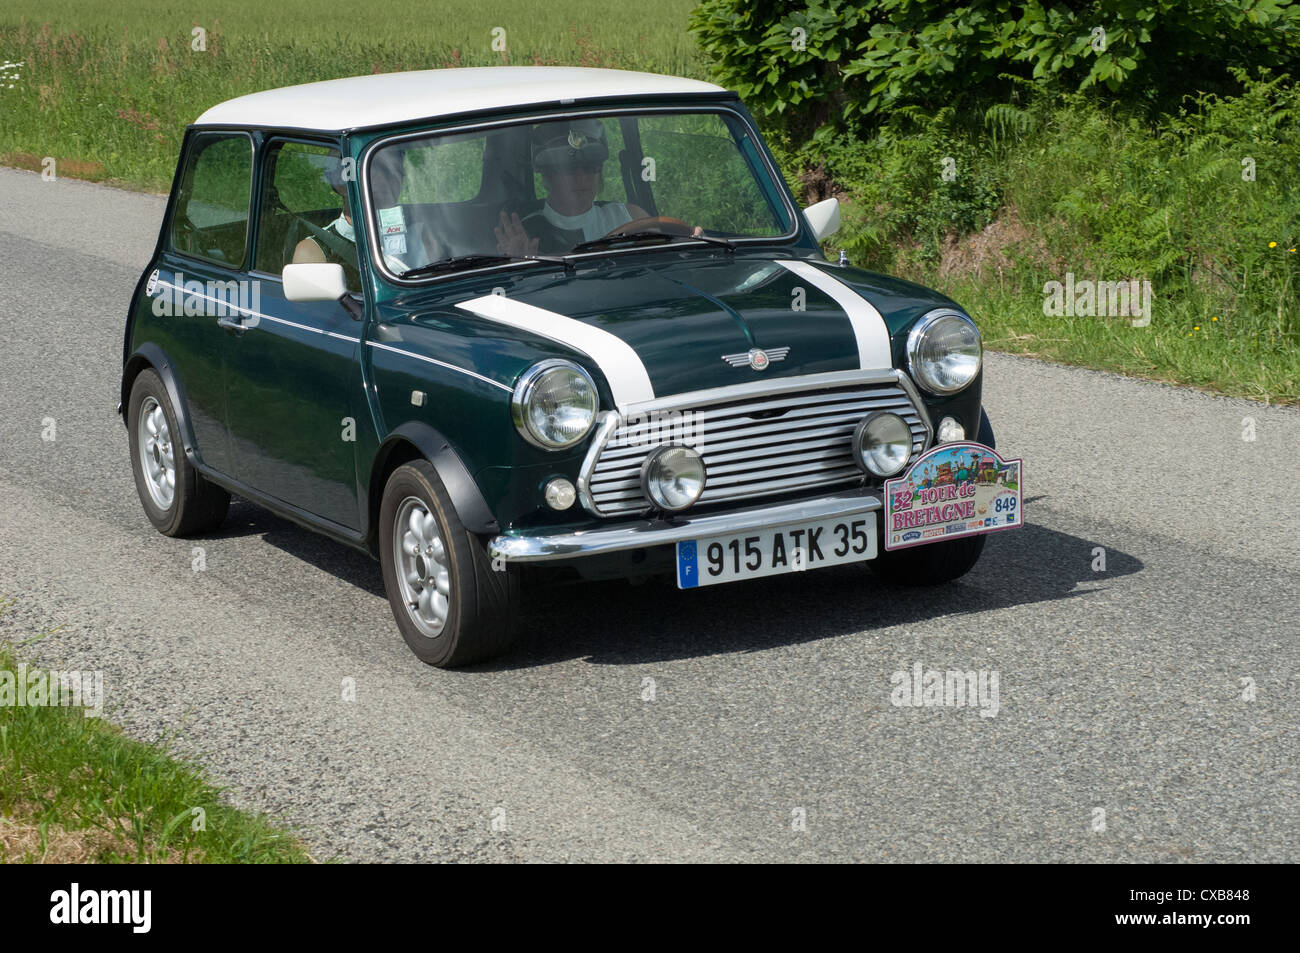 Austin Mini Cooper De 1982 Dans Le Tour De Bretagne France 2012